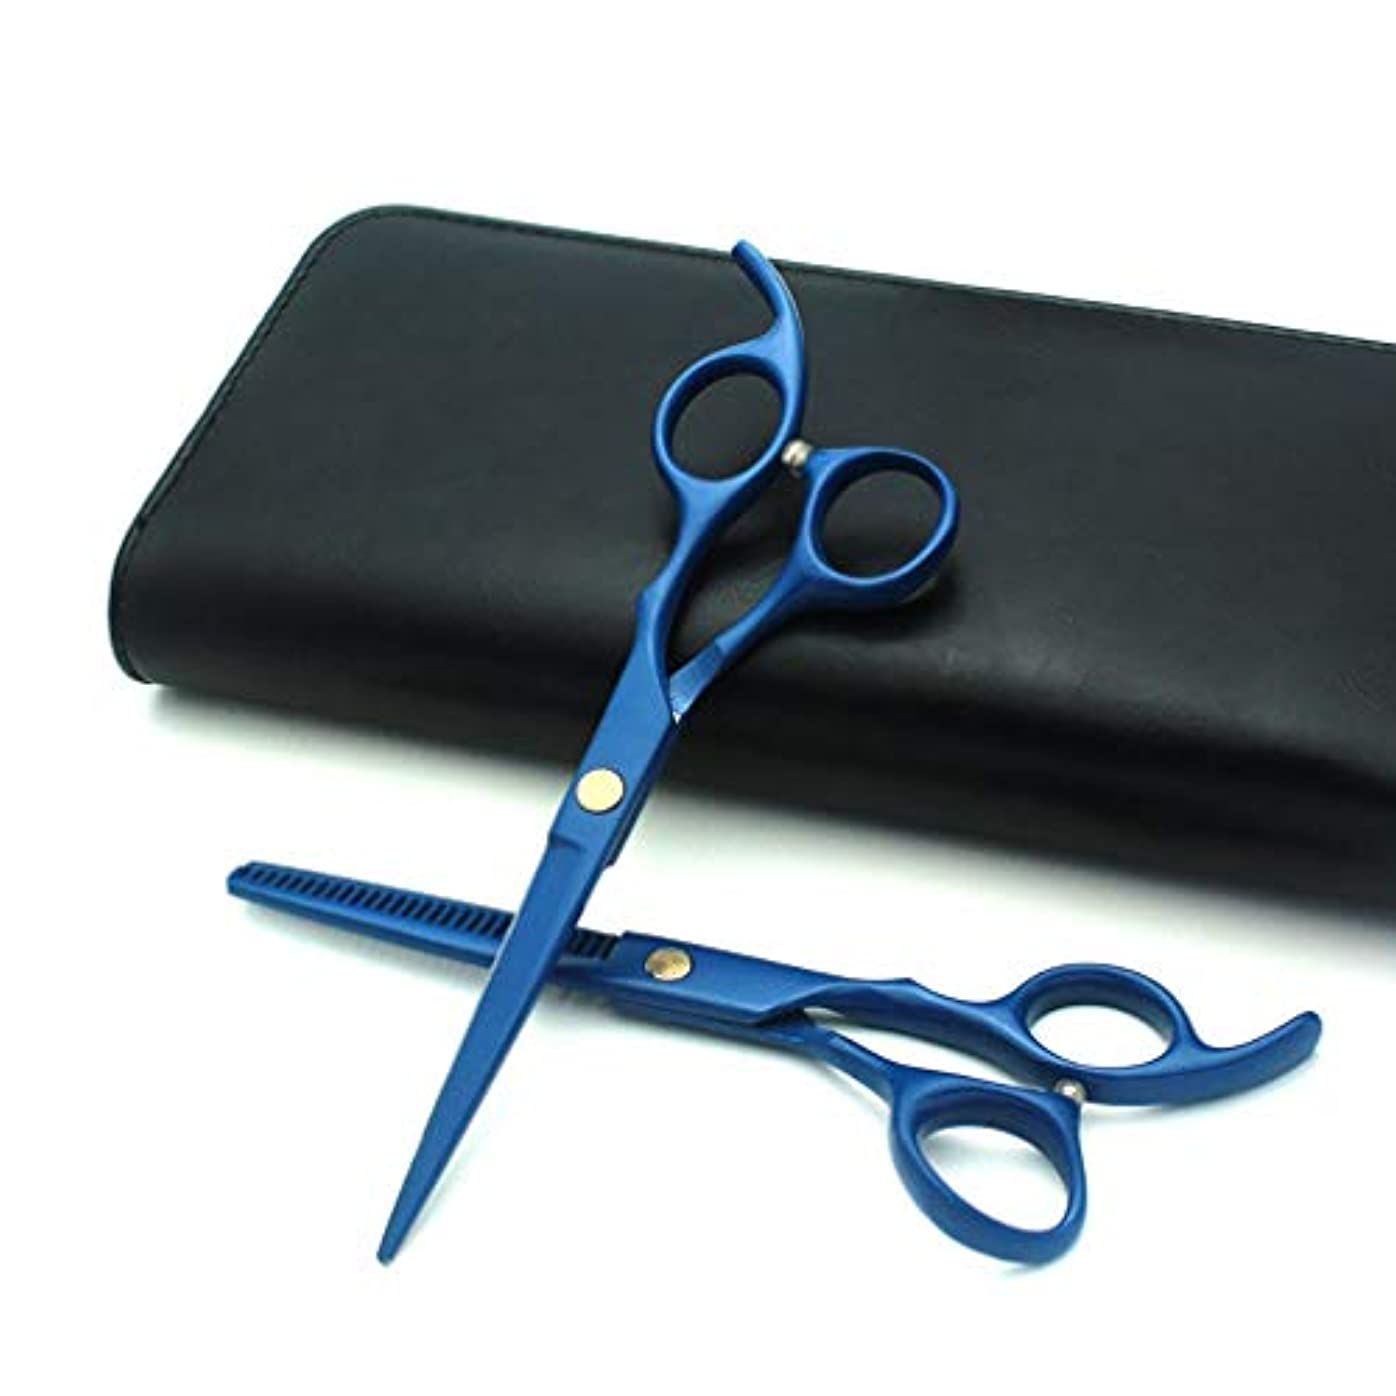 防止フェッチ動ヘアカットはさみ、プロの理髪はさみ ステンレス鋼のかみそりの刃、6インチの理髪はさみ,Blue